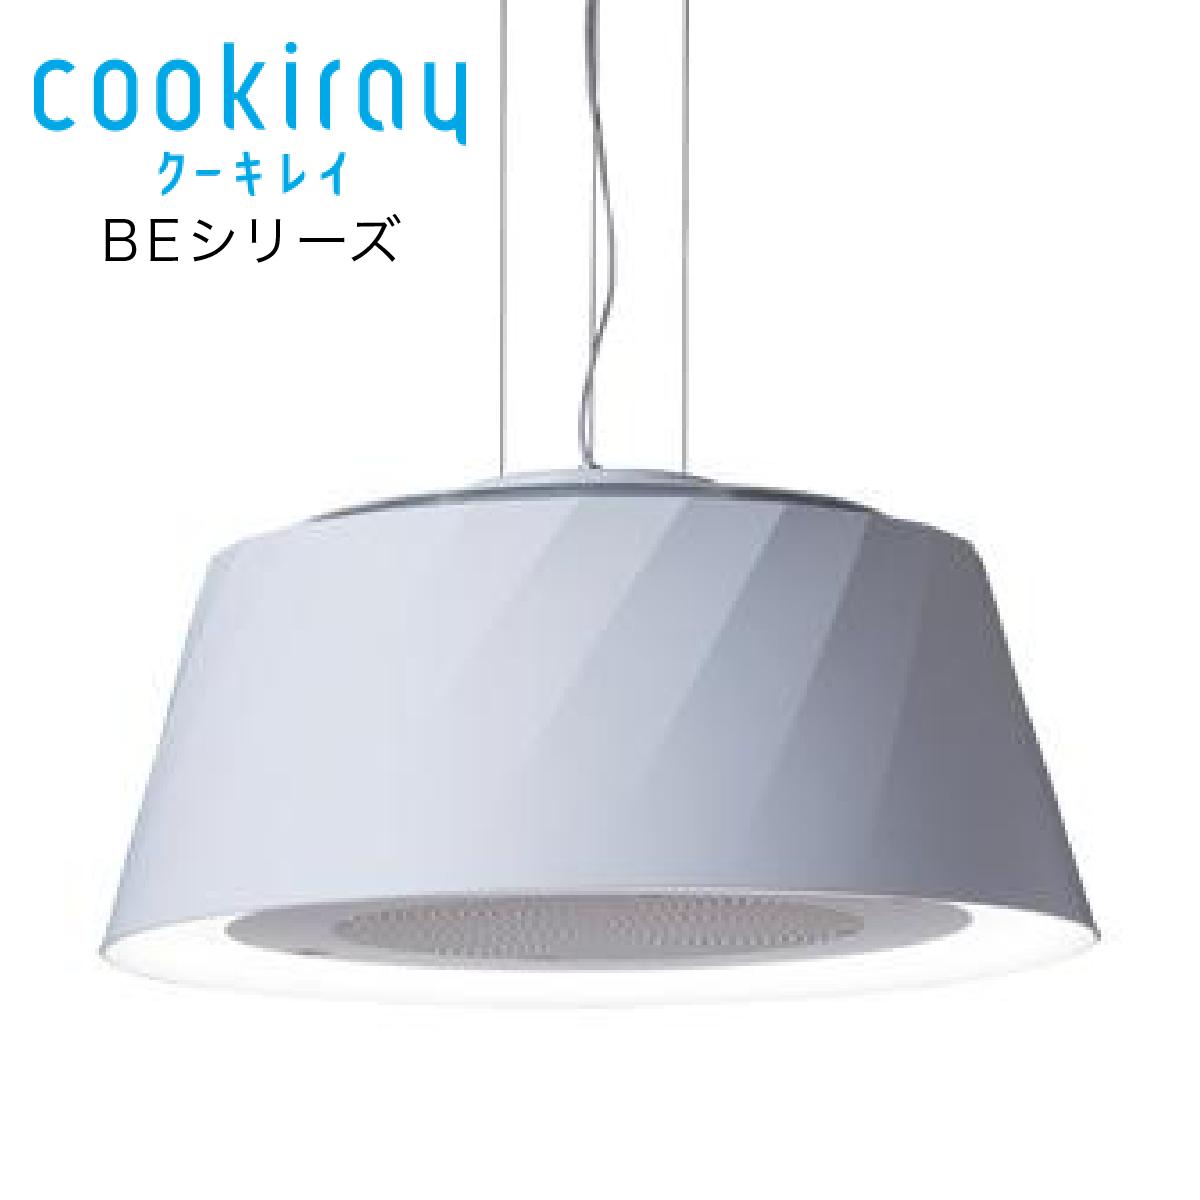 富士工業 [ Cookiray ] クーキレイ BEシリーズ ブラック/ホワイト C-BE511-W / BK 樹脂製 ダイニング照明 空気清浄 クーキレイ